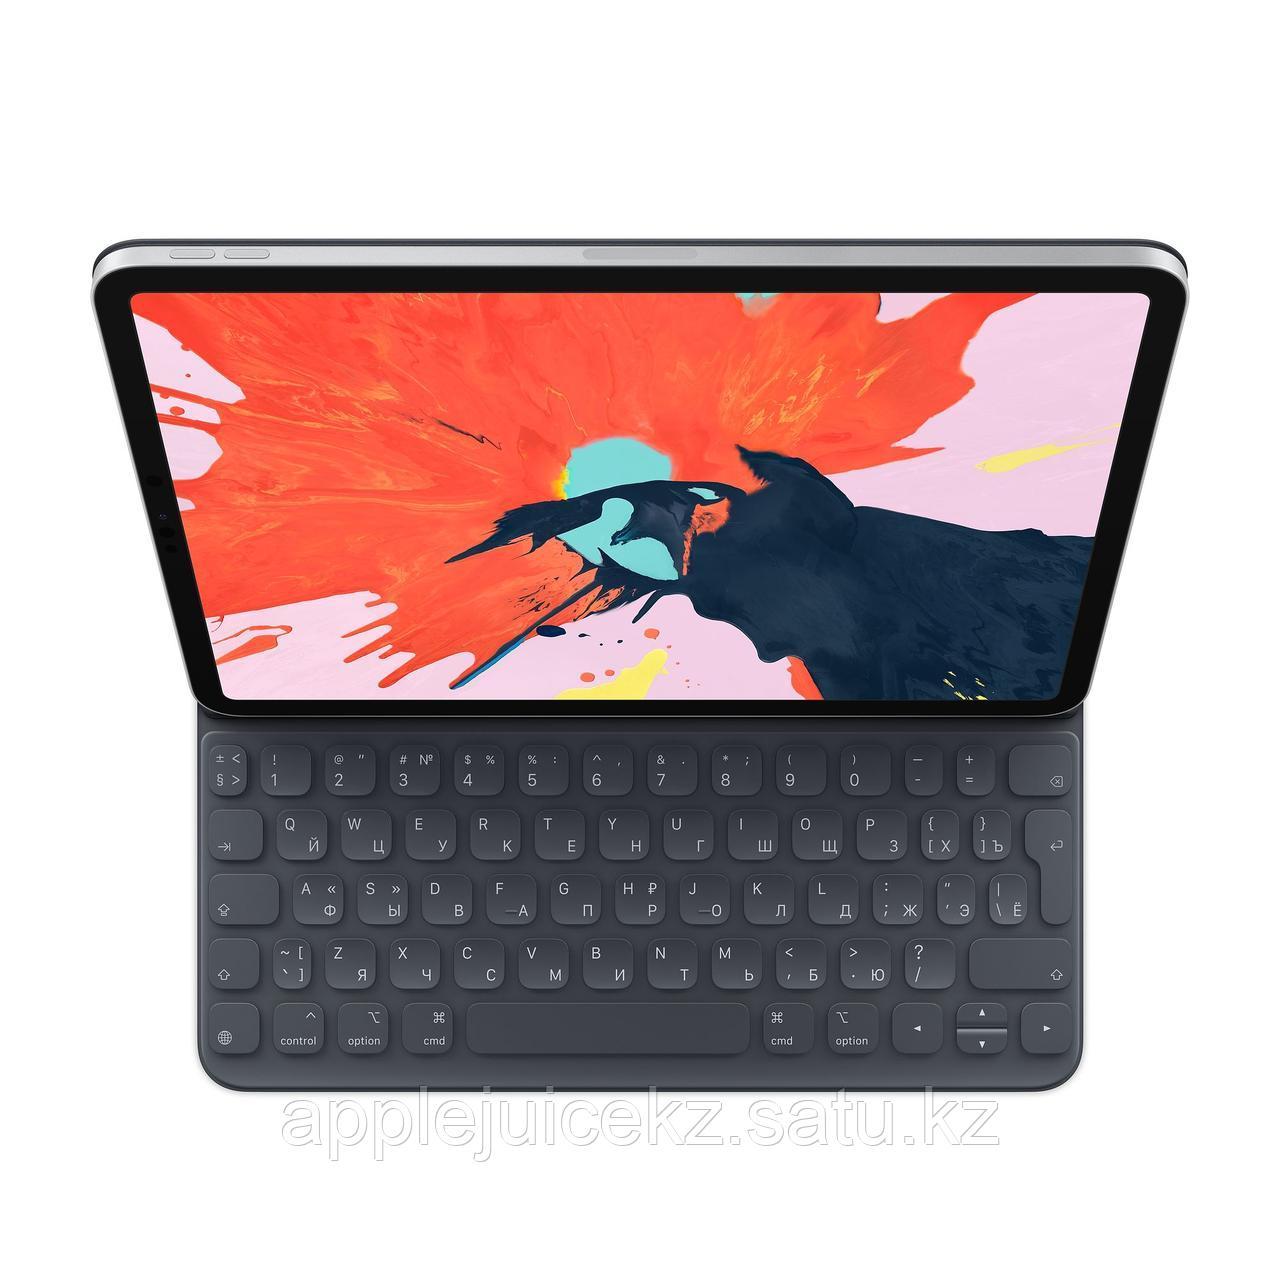 Клавиатура Smart Keyboard Folio для iPad Pro 11 дюймов (2‑го поколения)